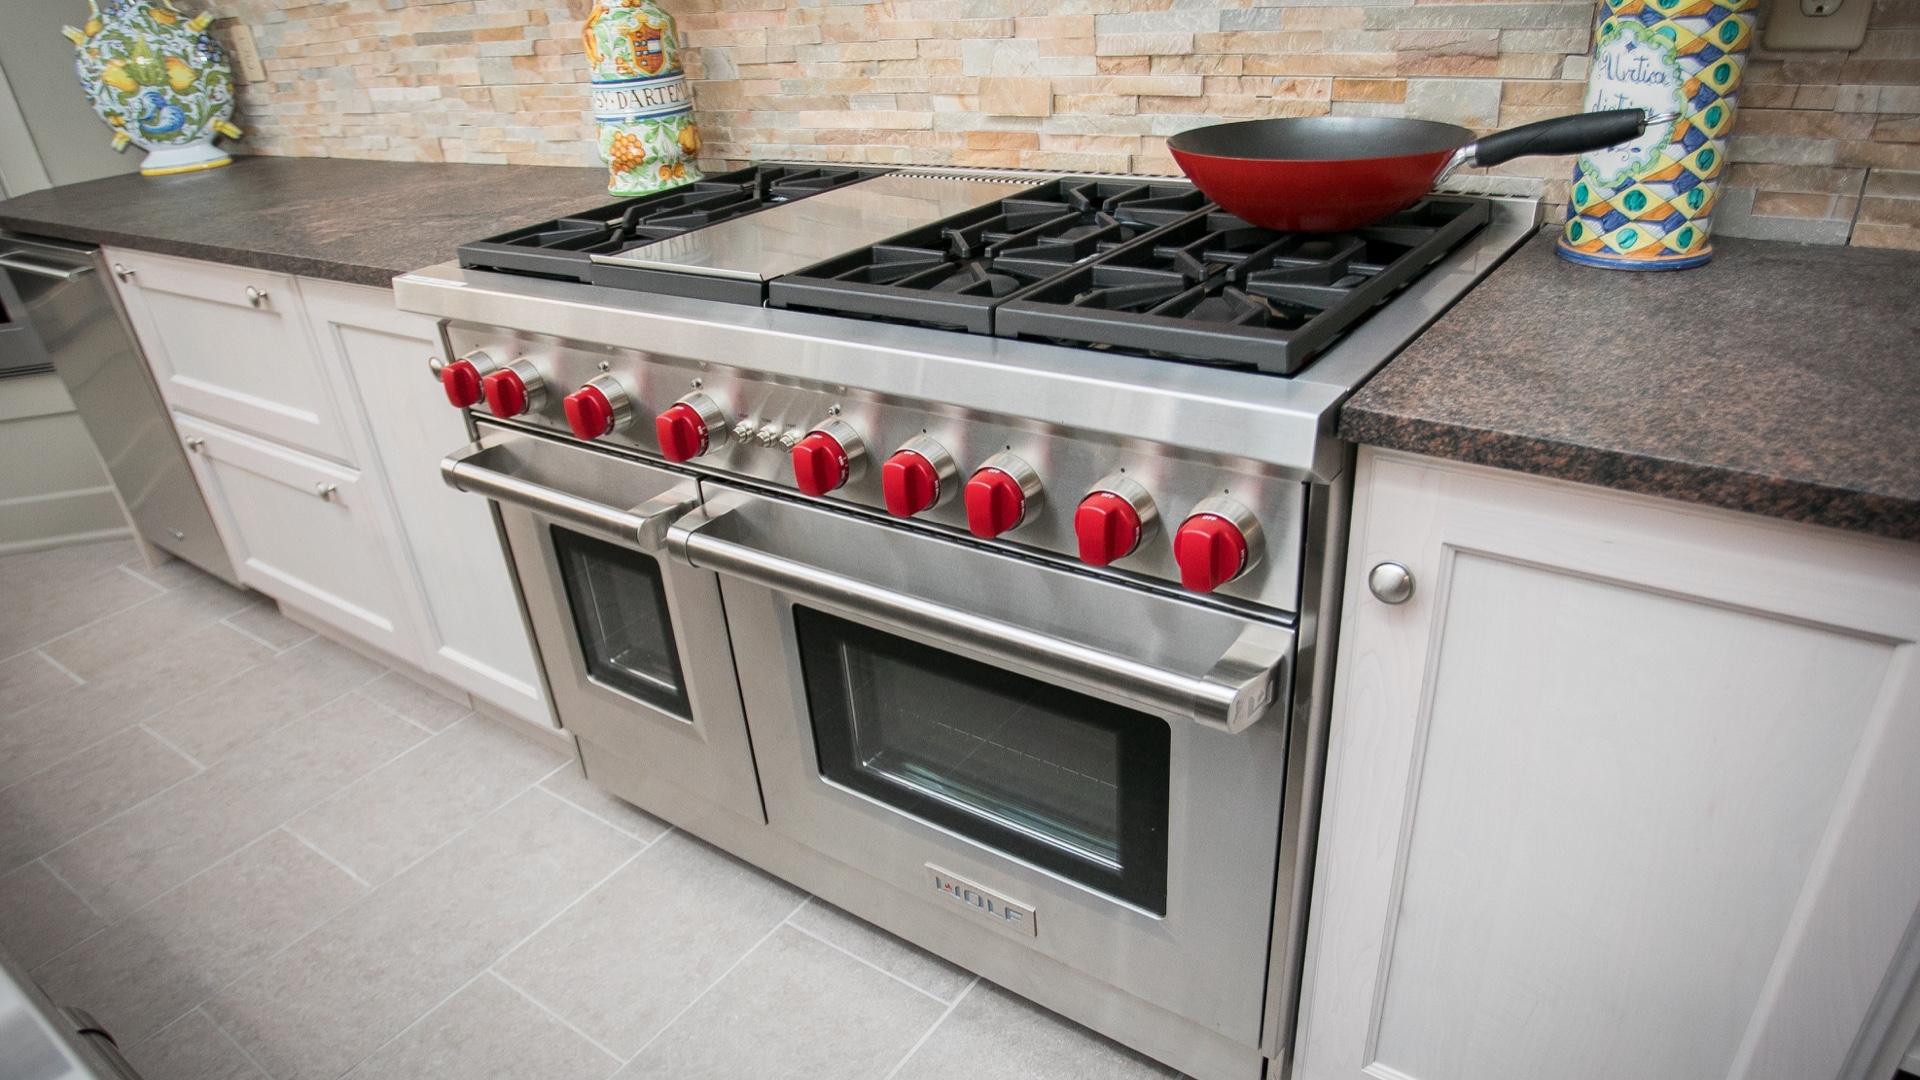 Barrys Appliances 24